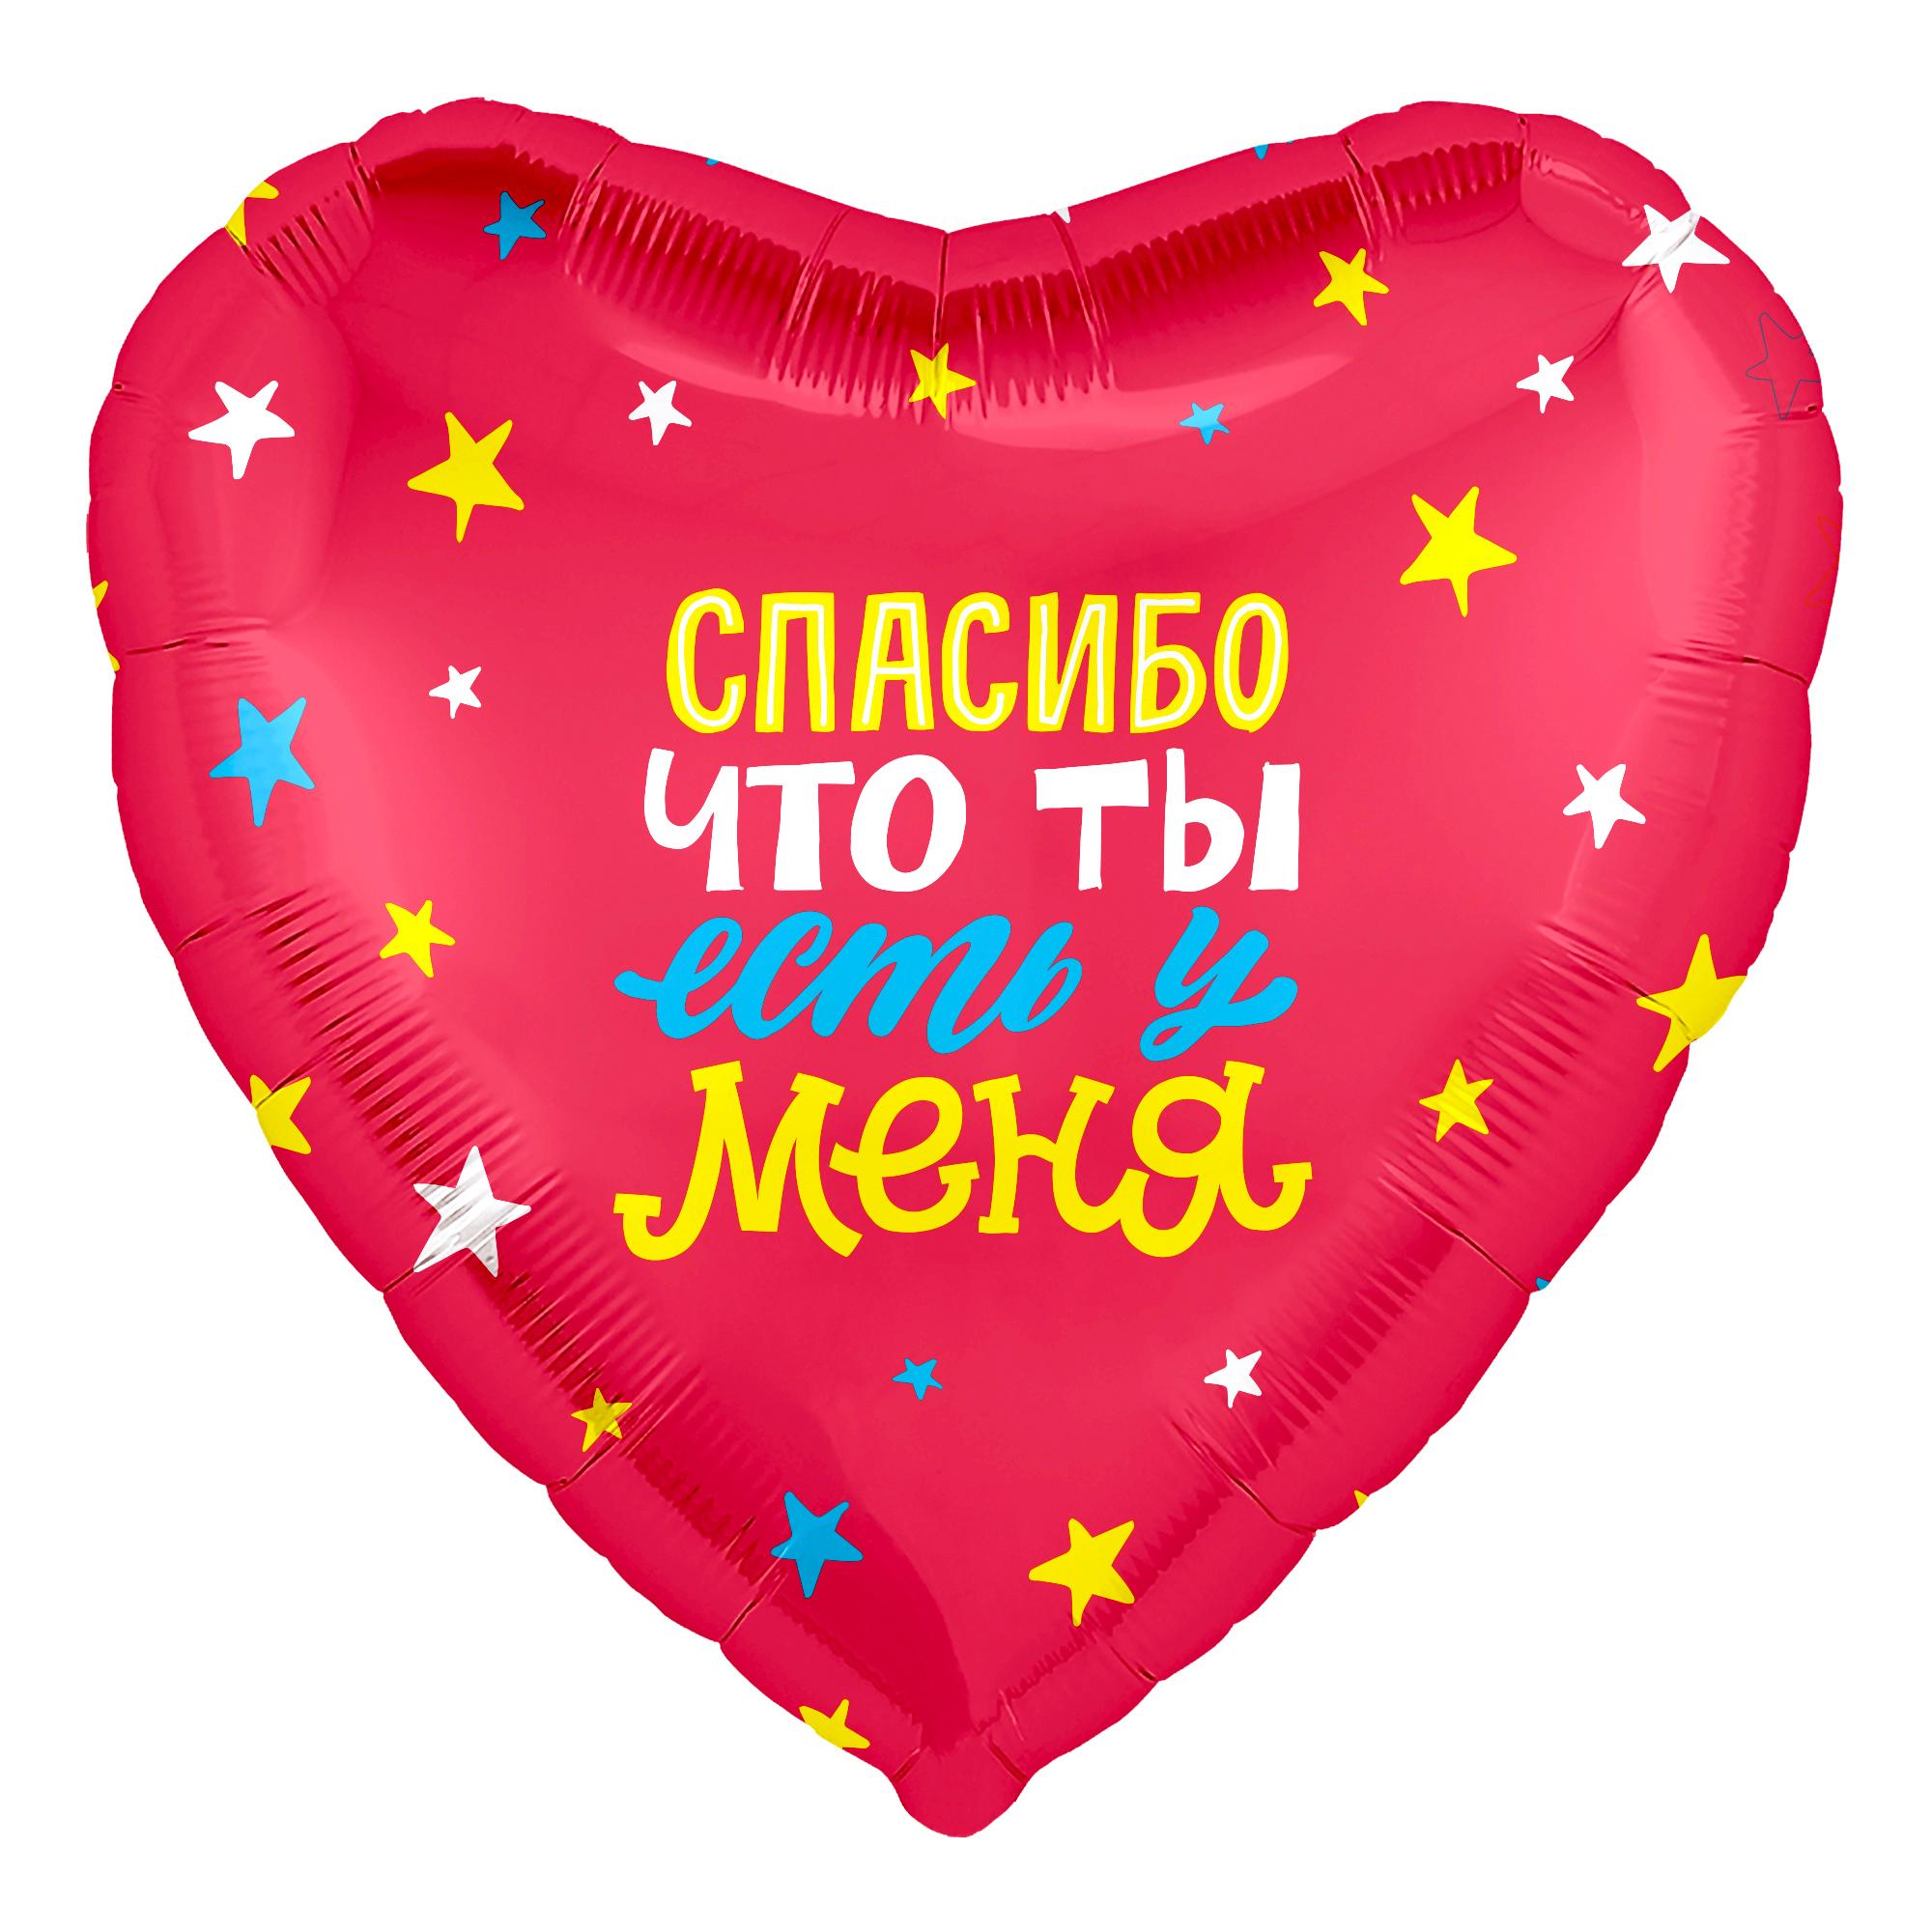 Р Сердце, Спасибо, что ты есть! (звездочки), Красный, 19''/48 см, 1 шт.